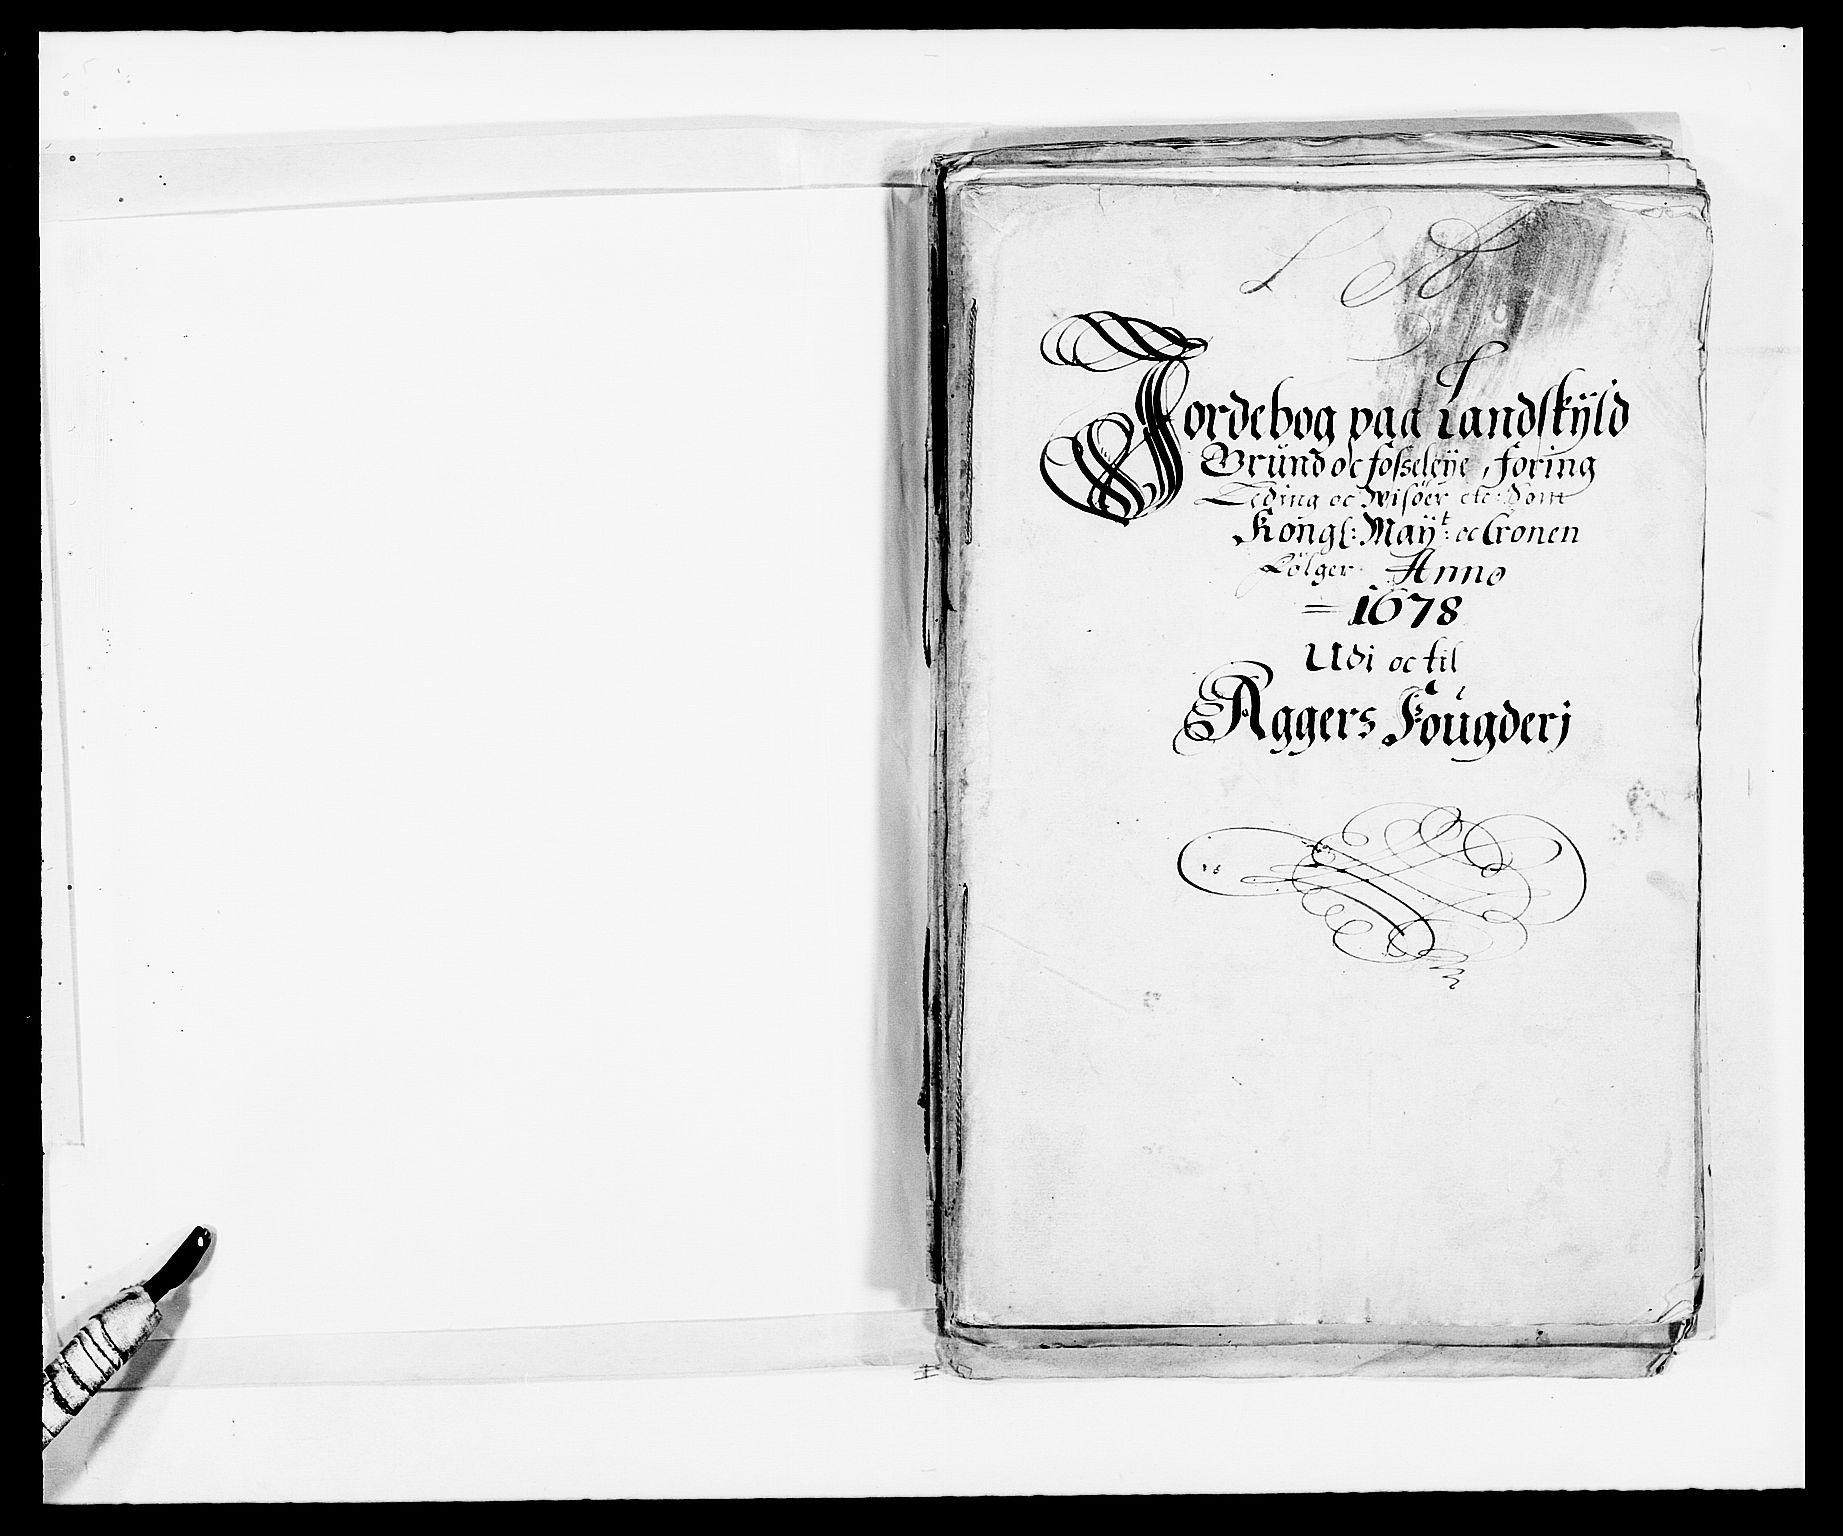 RA, Rentekammeret inntil 1814, Reviderte regnskaper, Fogderegnskap, R08/L0416: Fogderegnskap Aker, 1678-1681, s. 161